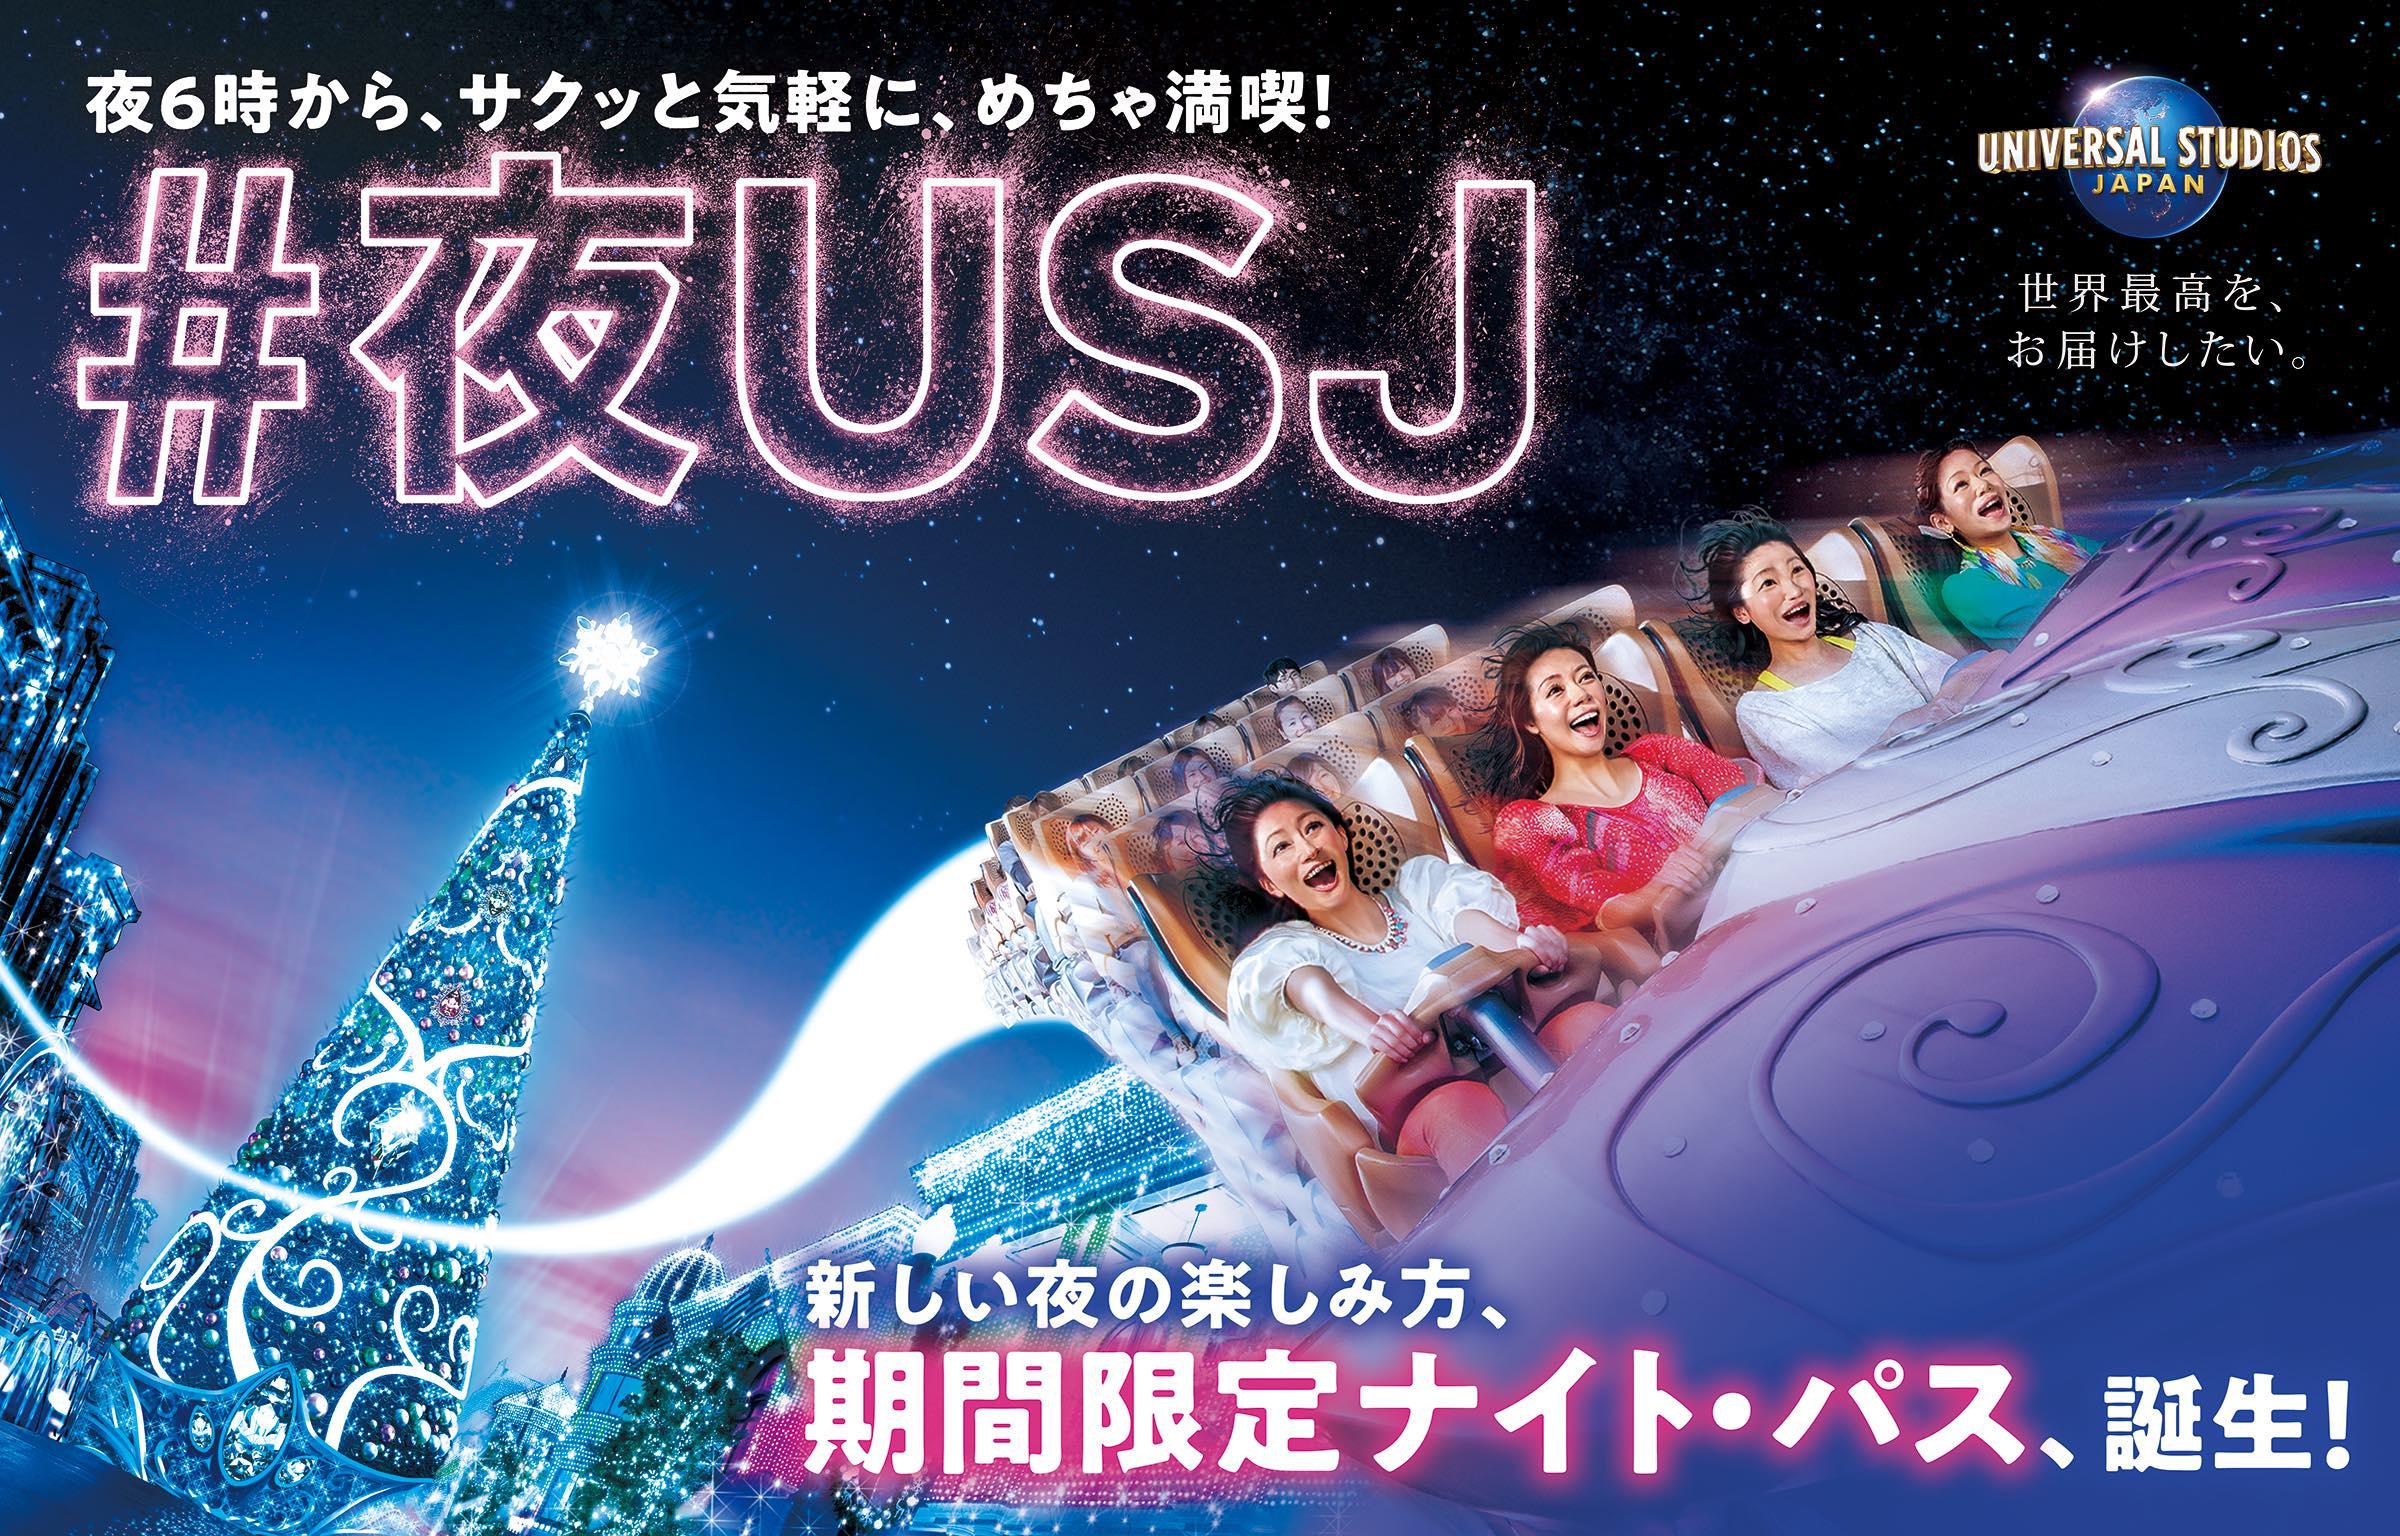 USJが午後6時から入場できる限定パスを販売、大人4800円・子ども3600円で